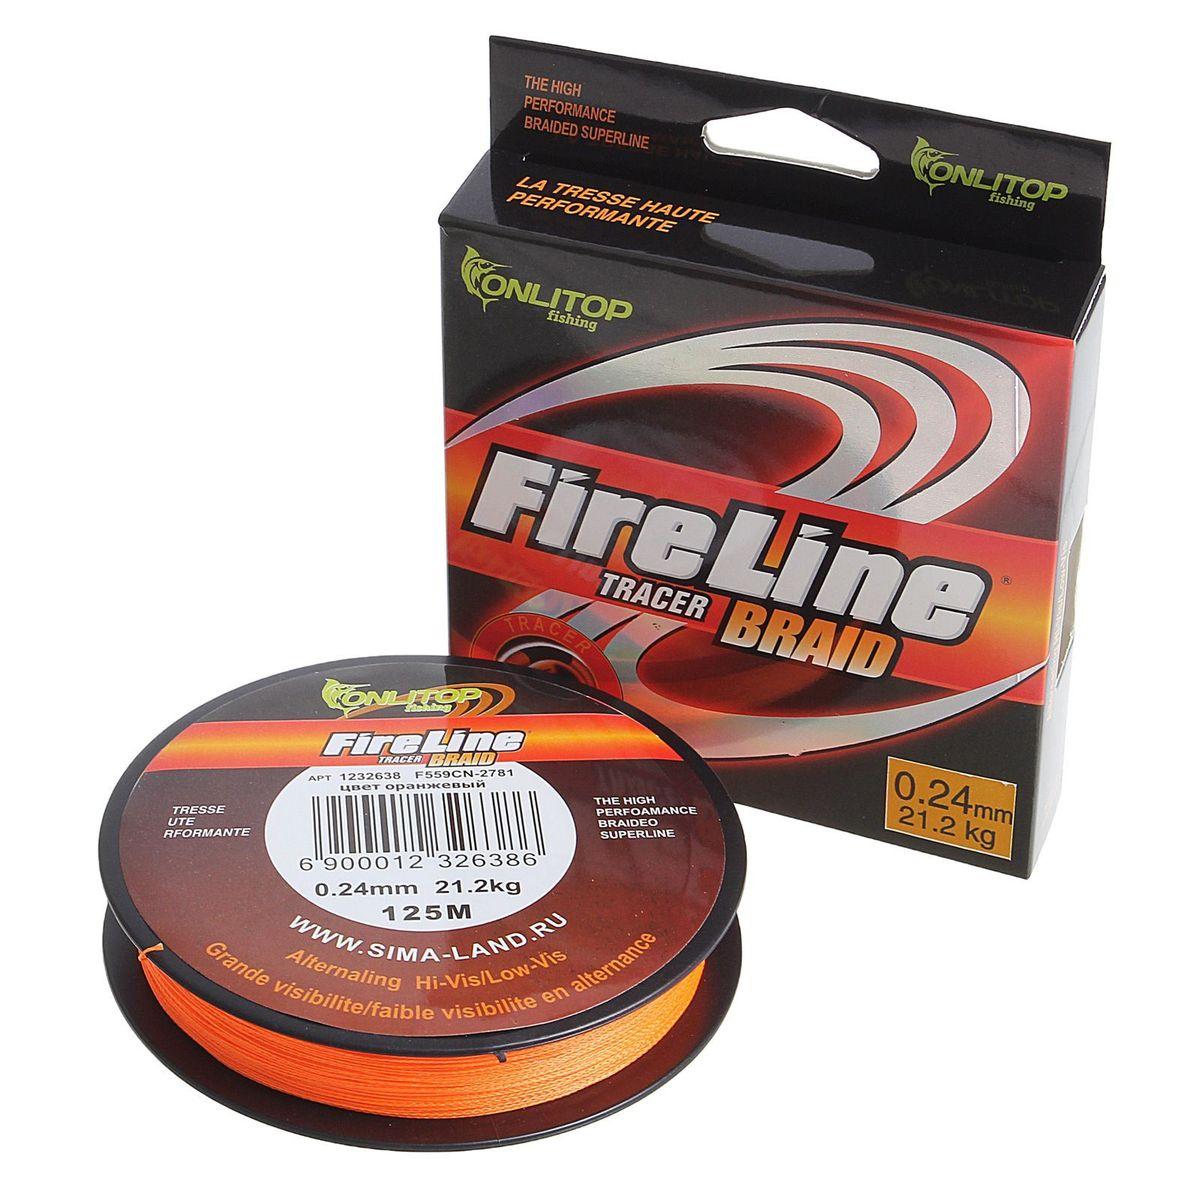 Шнур плетеный Onlitop Easy Cast, цвет: оранжевый, толщина 0,24 мм, длина 125 м